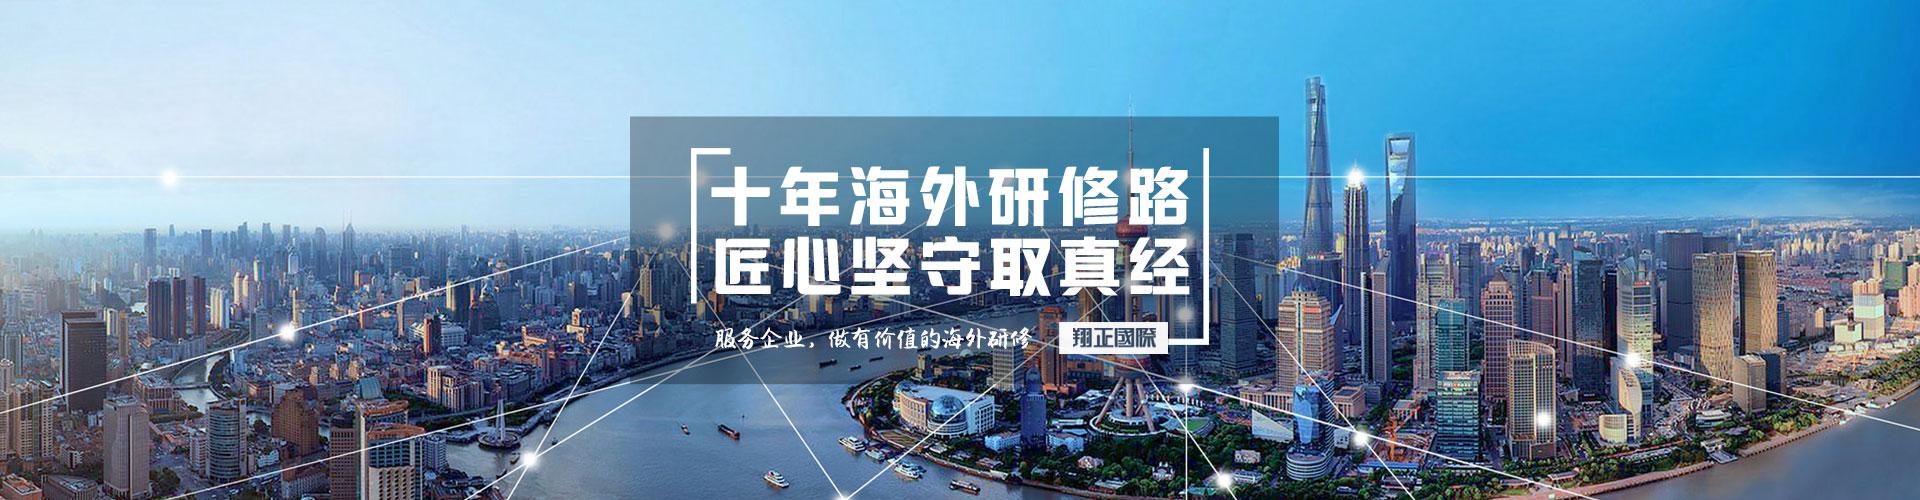 翔正国际成立10周年